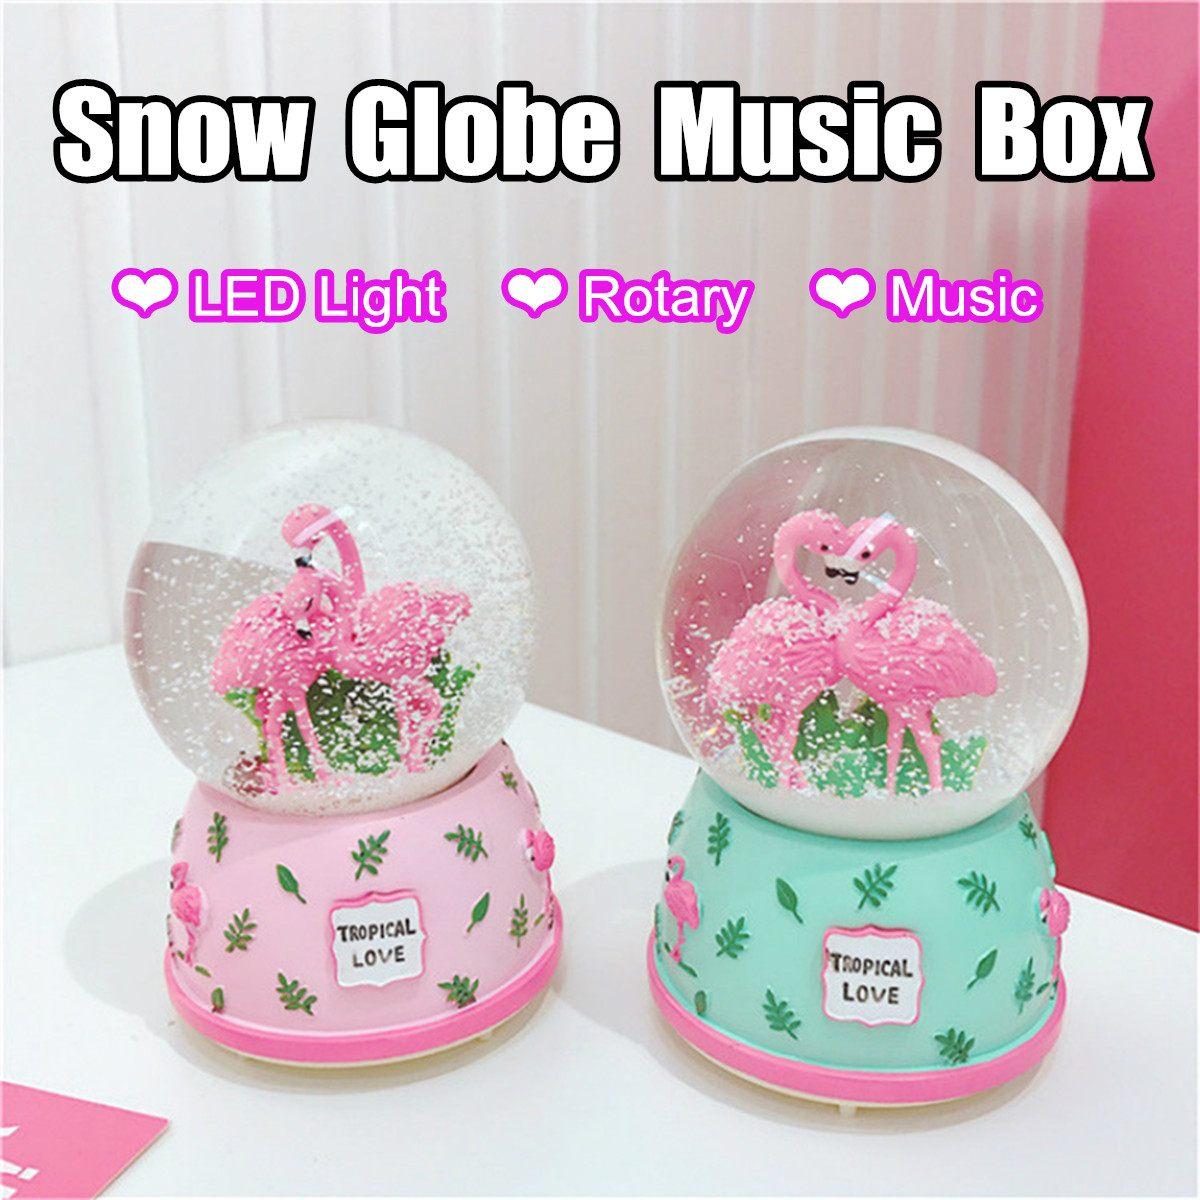 Lumière LED électronique automatique pulvérisation flocon de neige Flamingo Musical eau boule de neige boîtes à musique décor artisanat saint valentin cadeau